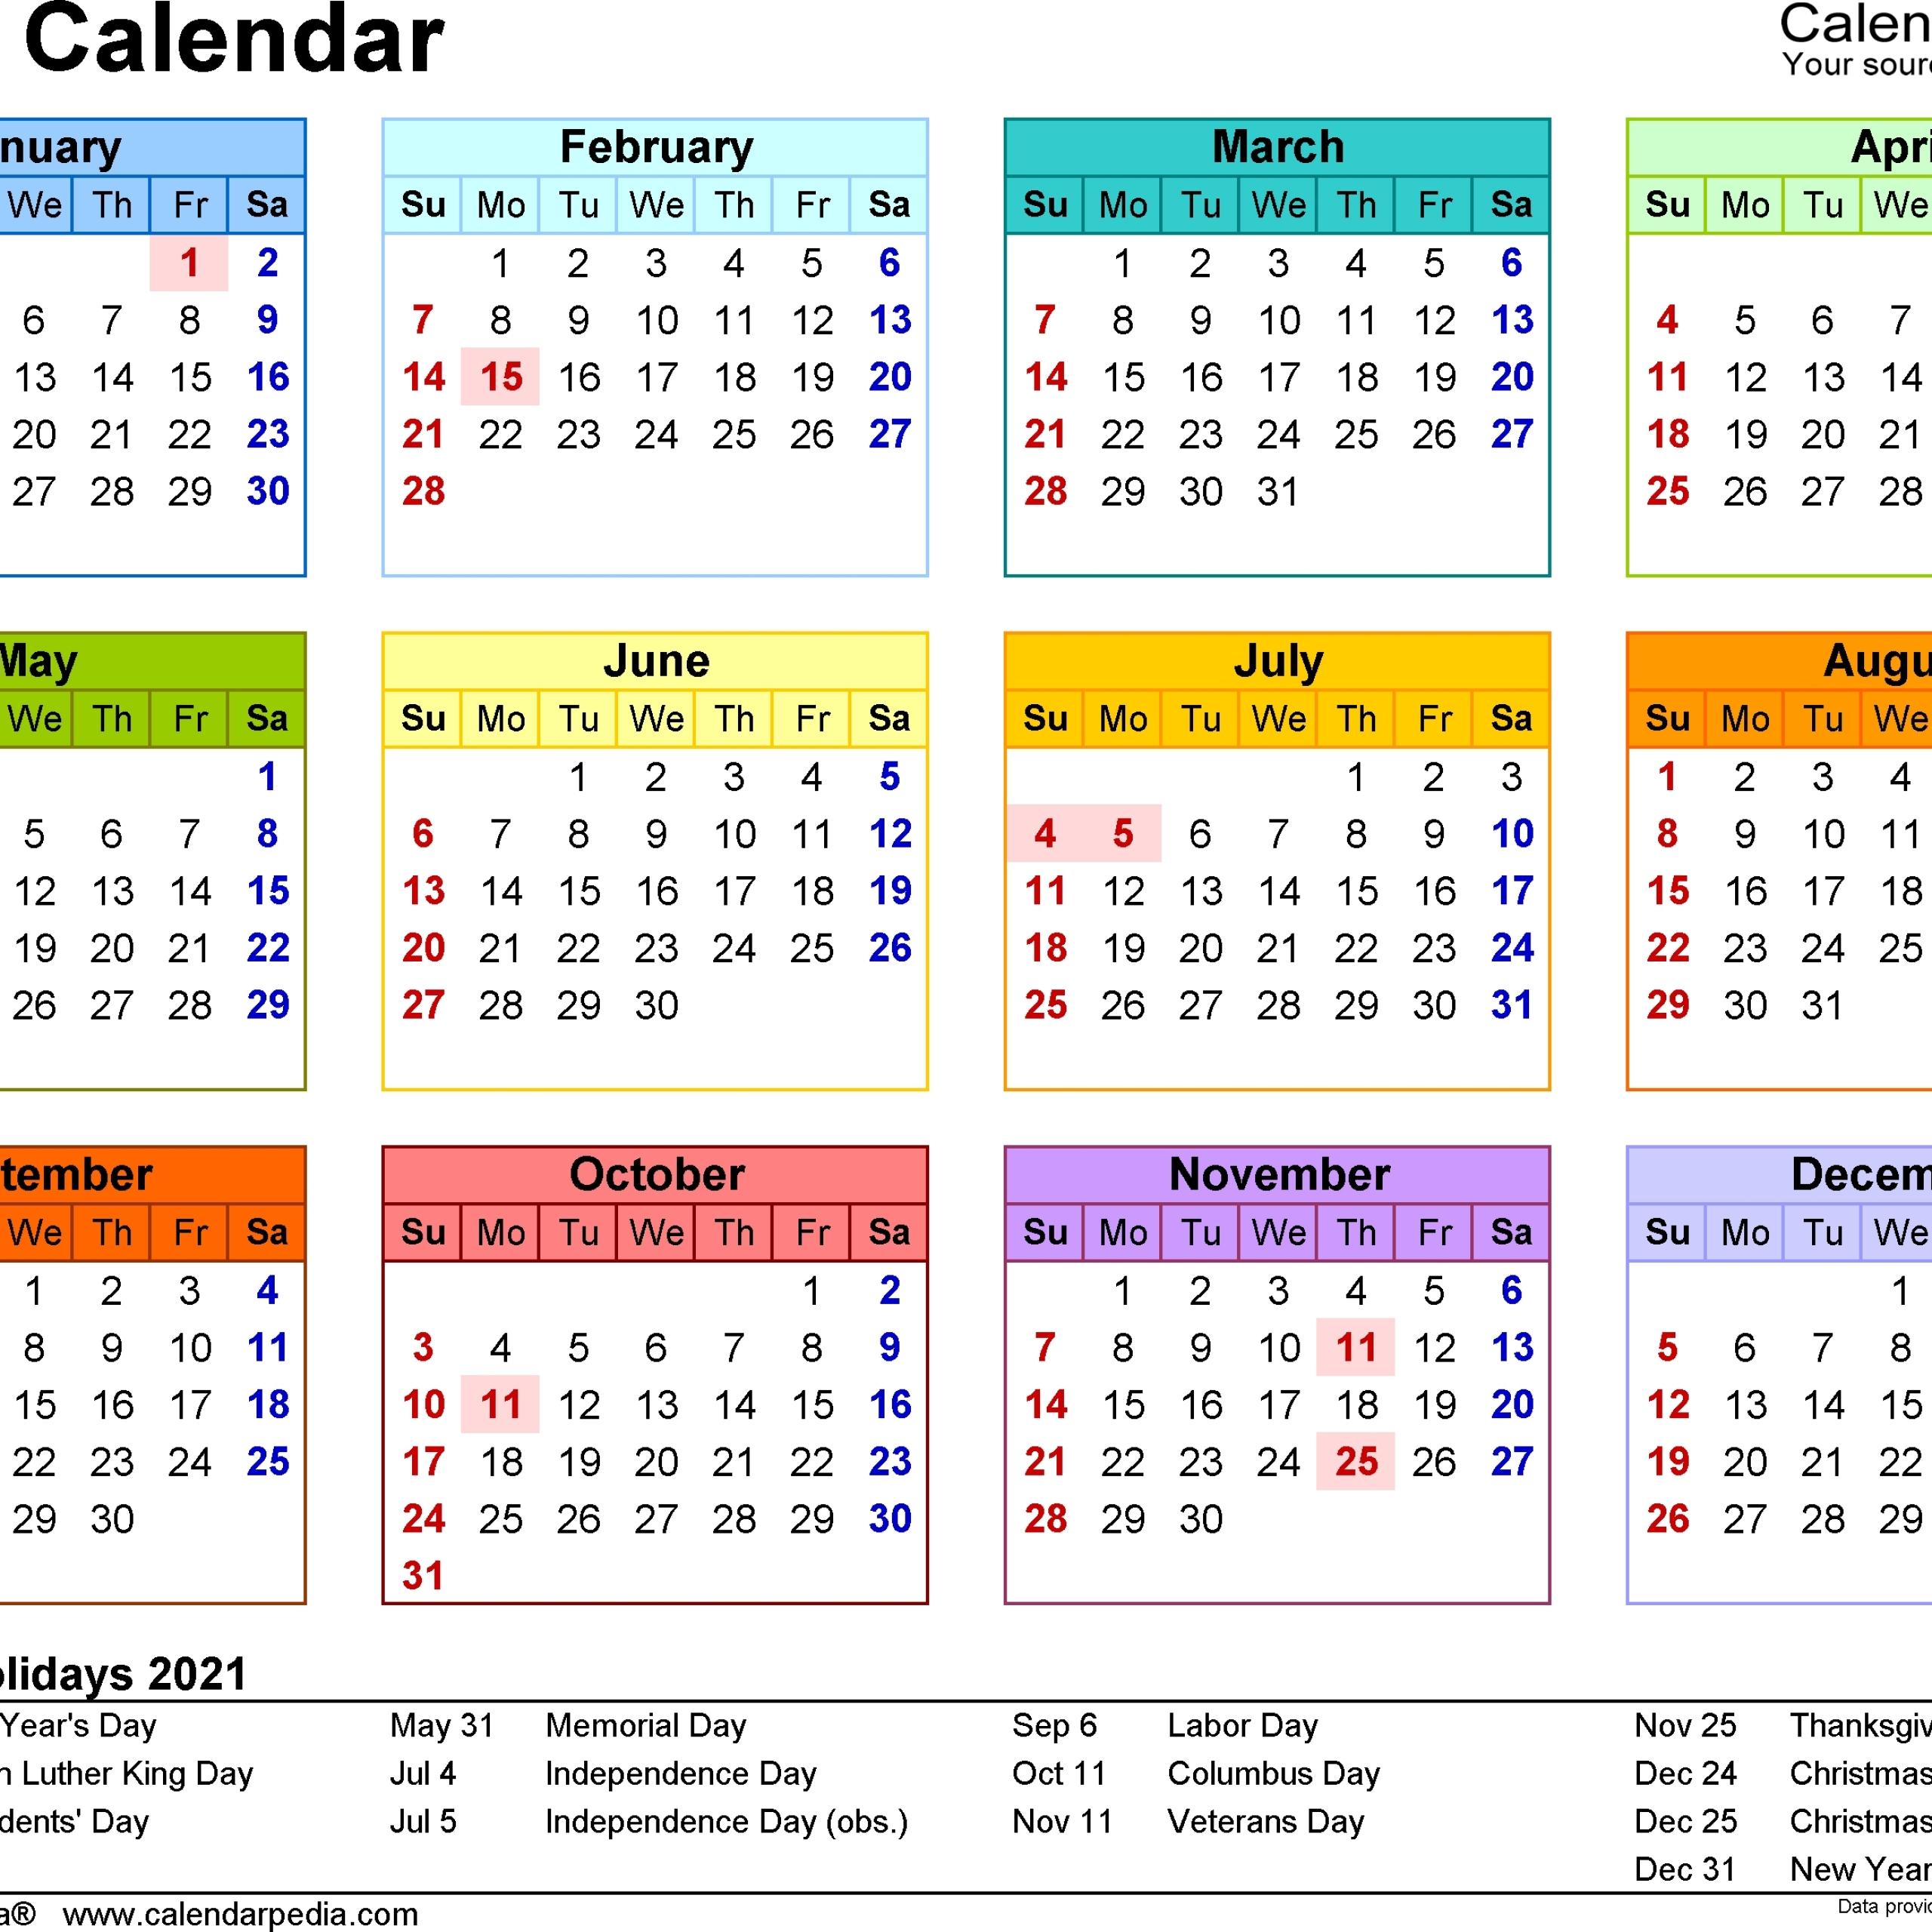 2021 Calendar South Africa | Calendar Printables, Calendar-Calendar 2021 South Africa Free Printable